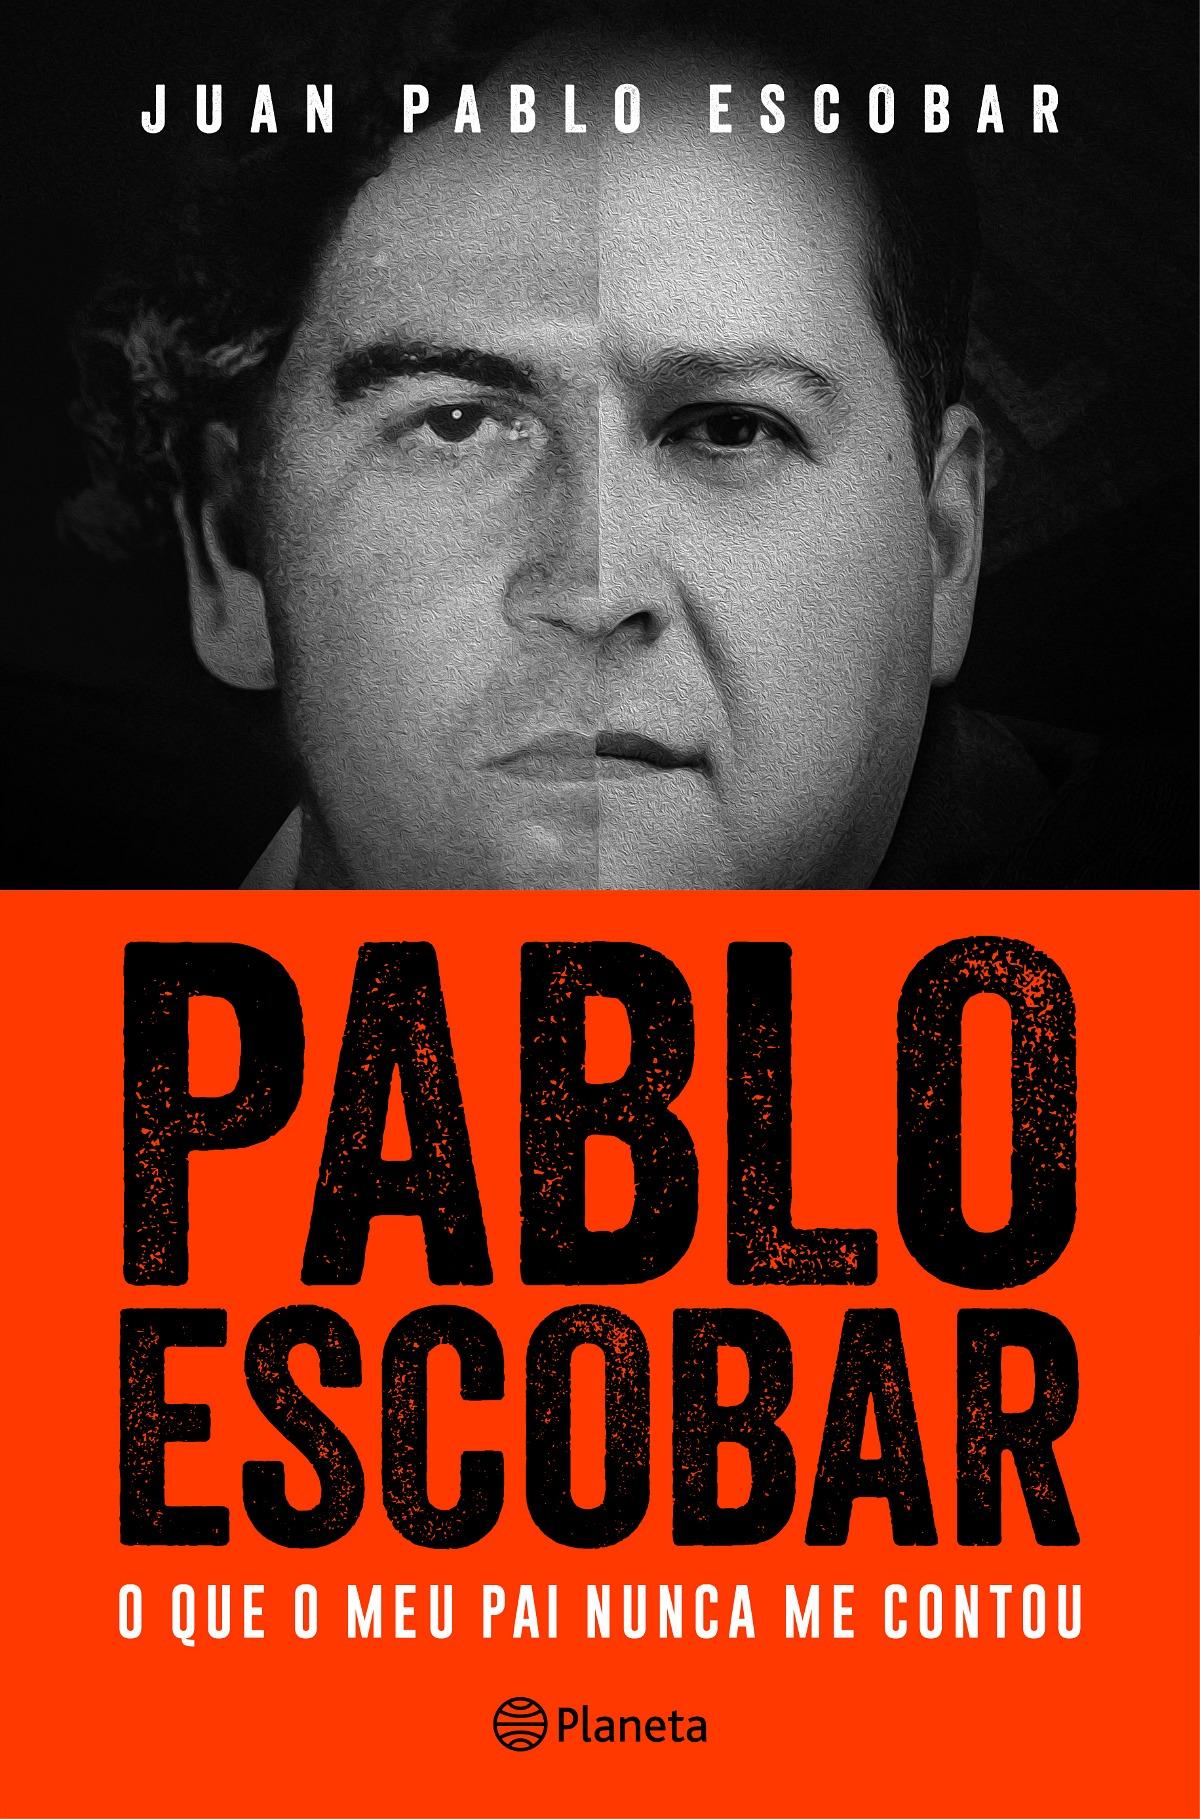 Filho de Pablo Escobar apresenta livro no Open Mag